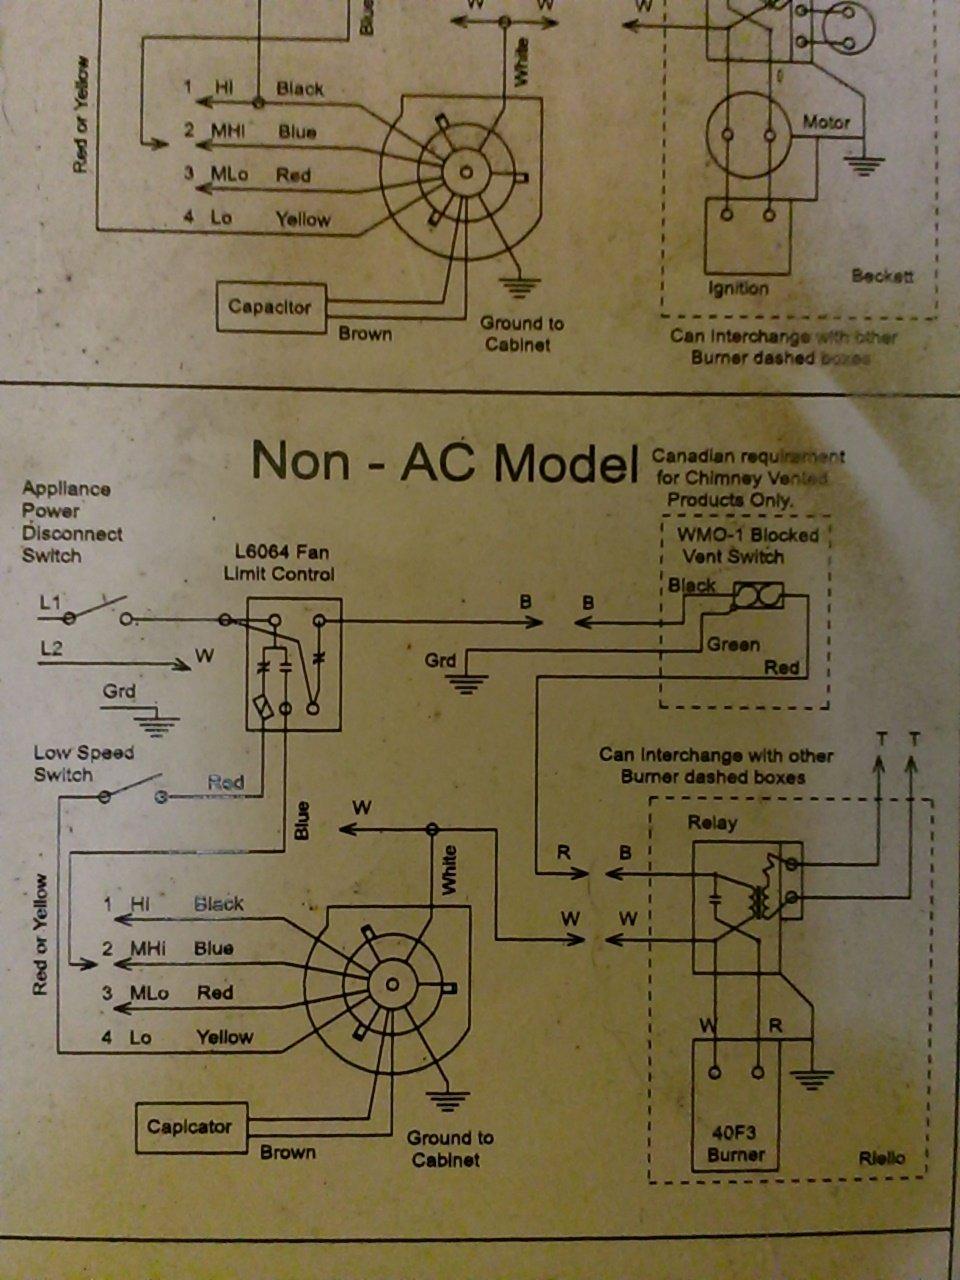 wiring.jpg 362.3K